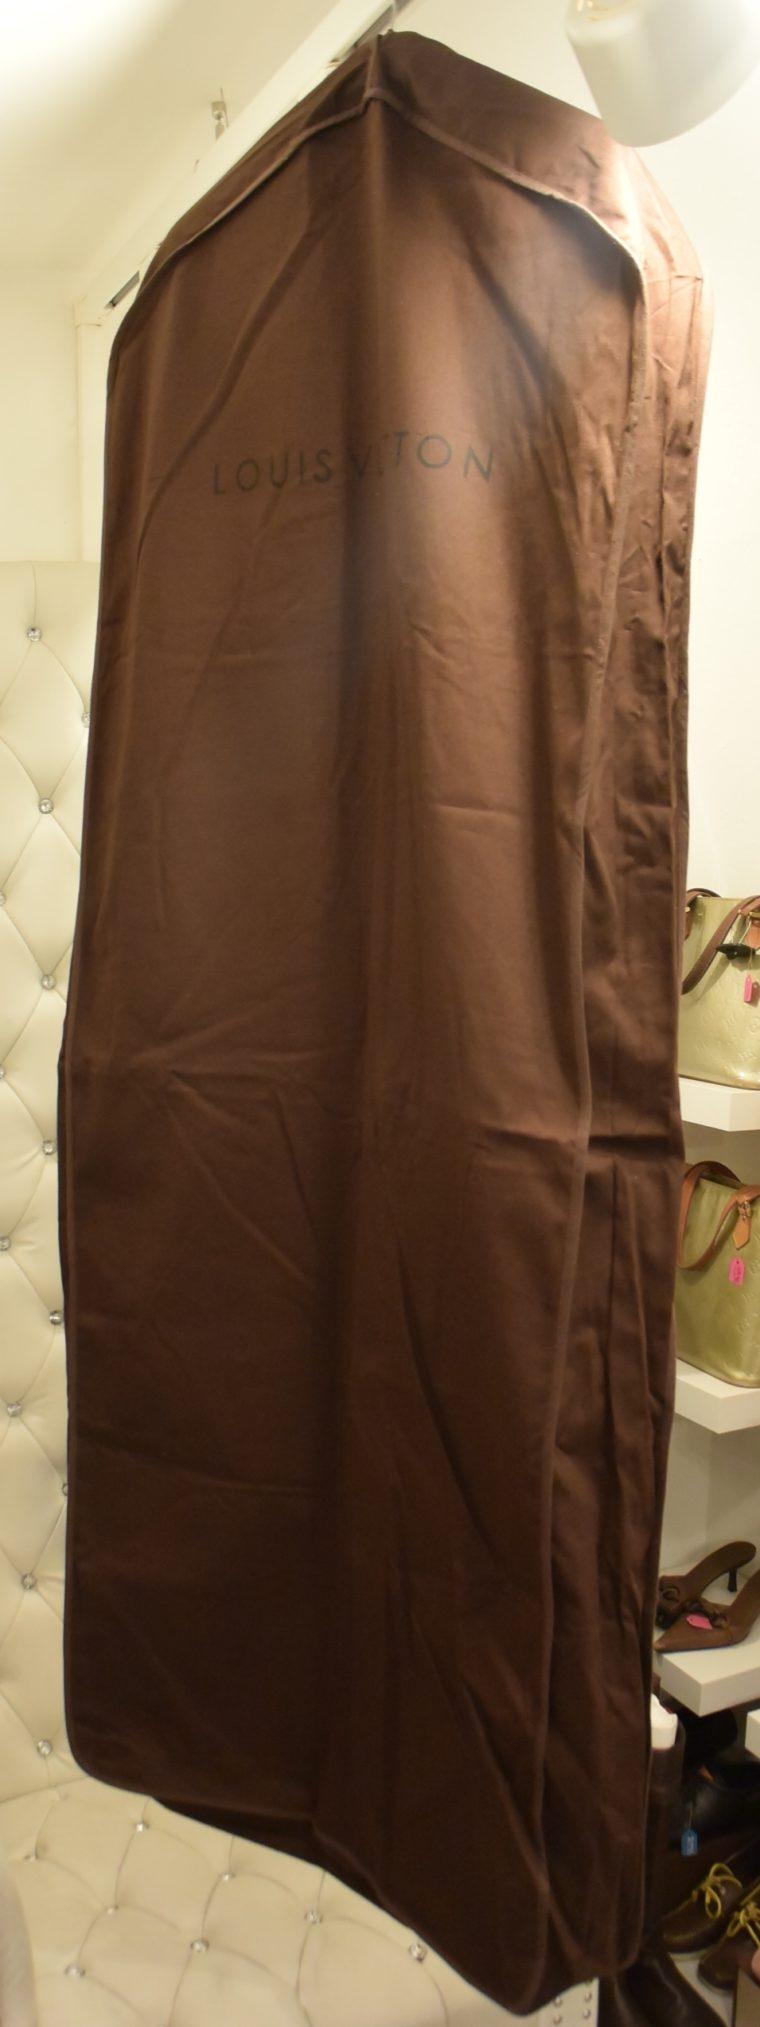 Louis Vuitton Kleiderhülle Kleidersack groß braun-12980